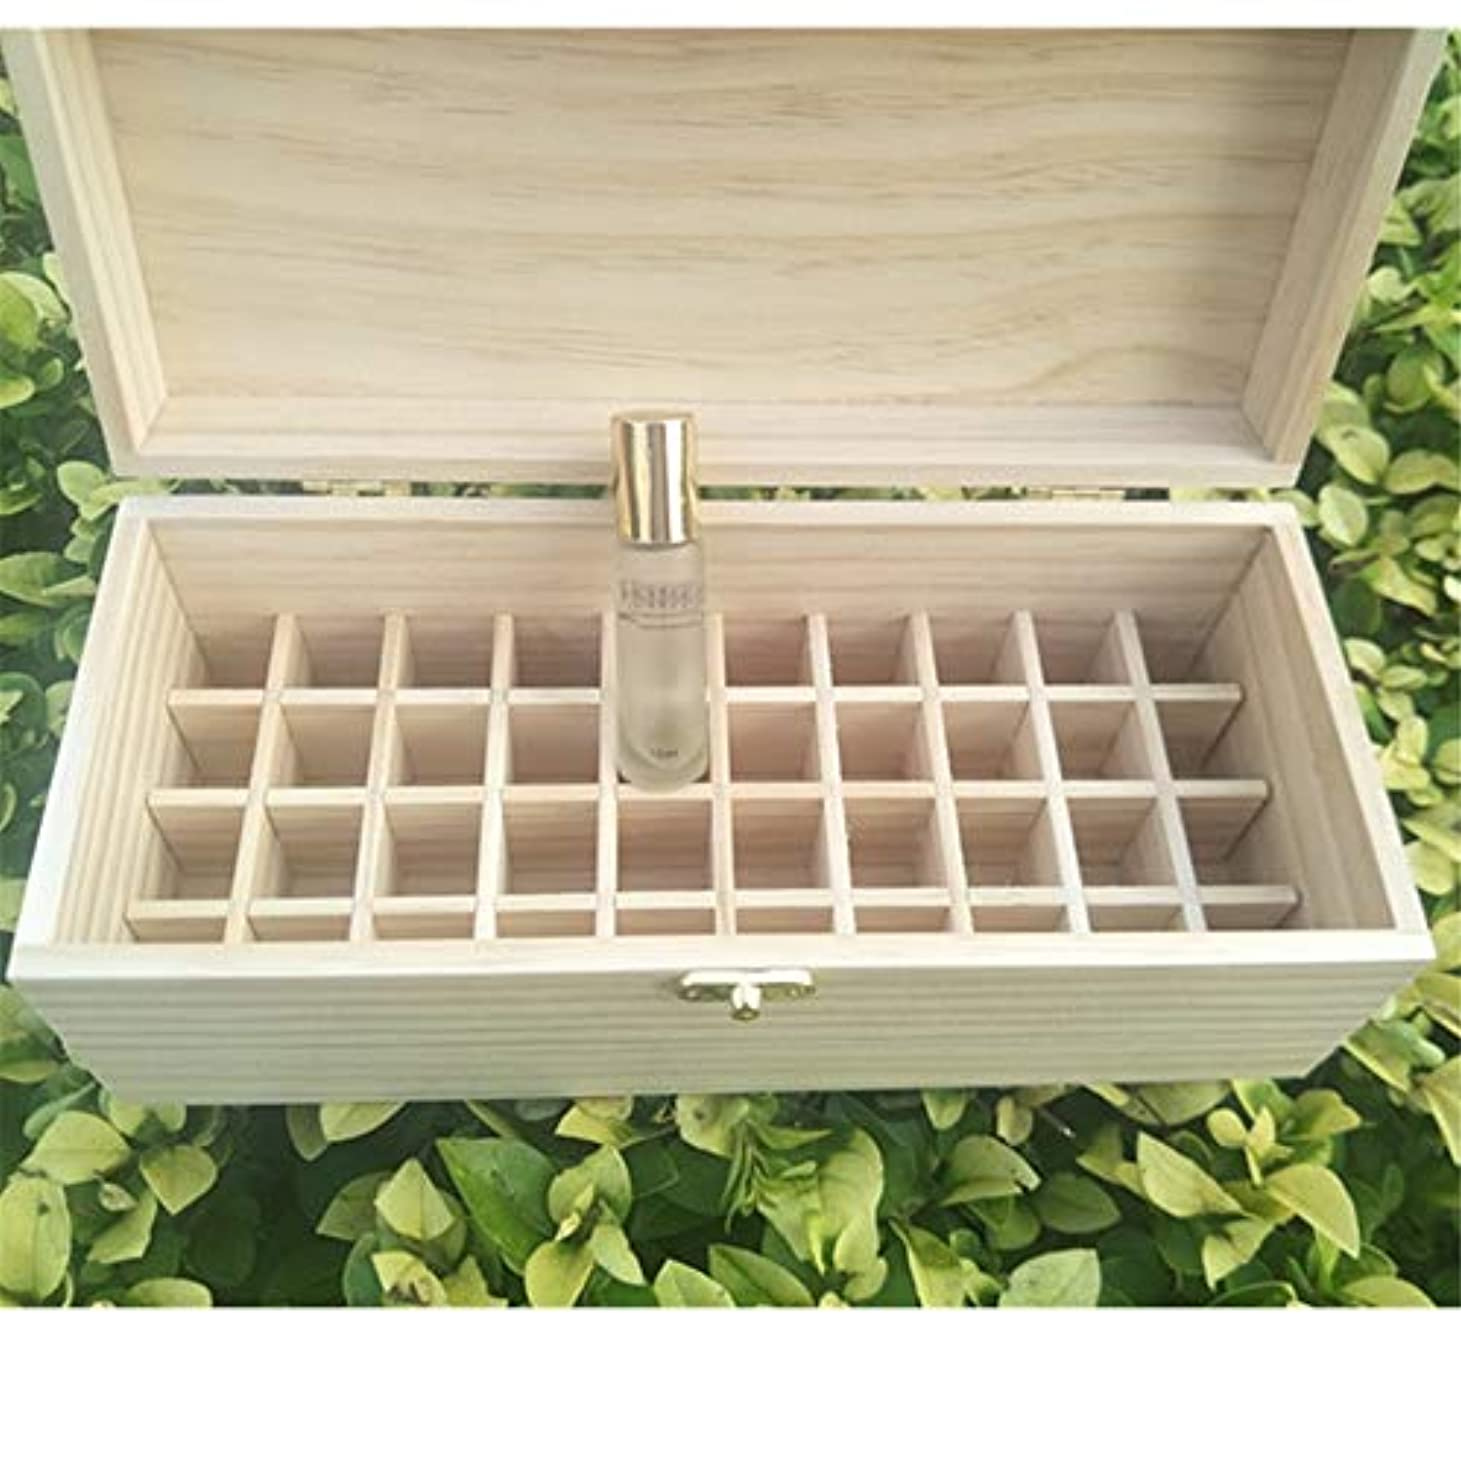 主張するいたずらランデブー40スロット木製エッセンシャルオイルの収納ボックスは40の10mlの油のボトルを保持します アロマセラピー製品 (色 : Natural, サイズ : 27X11.5X10.3CM)